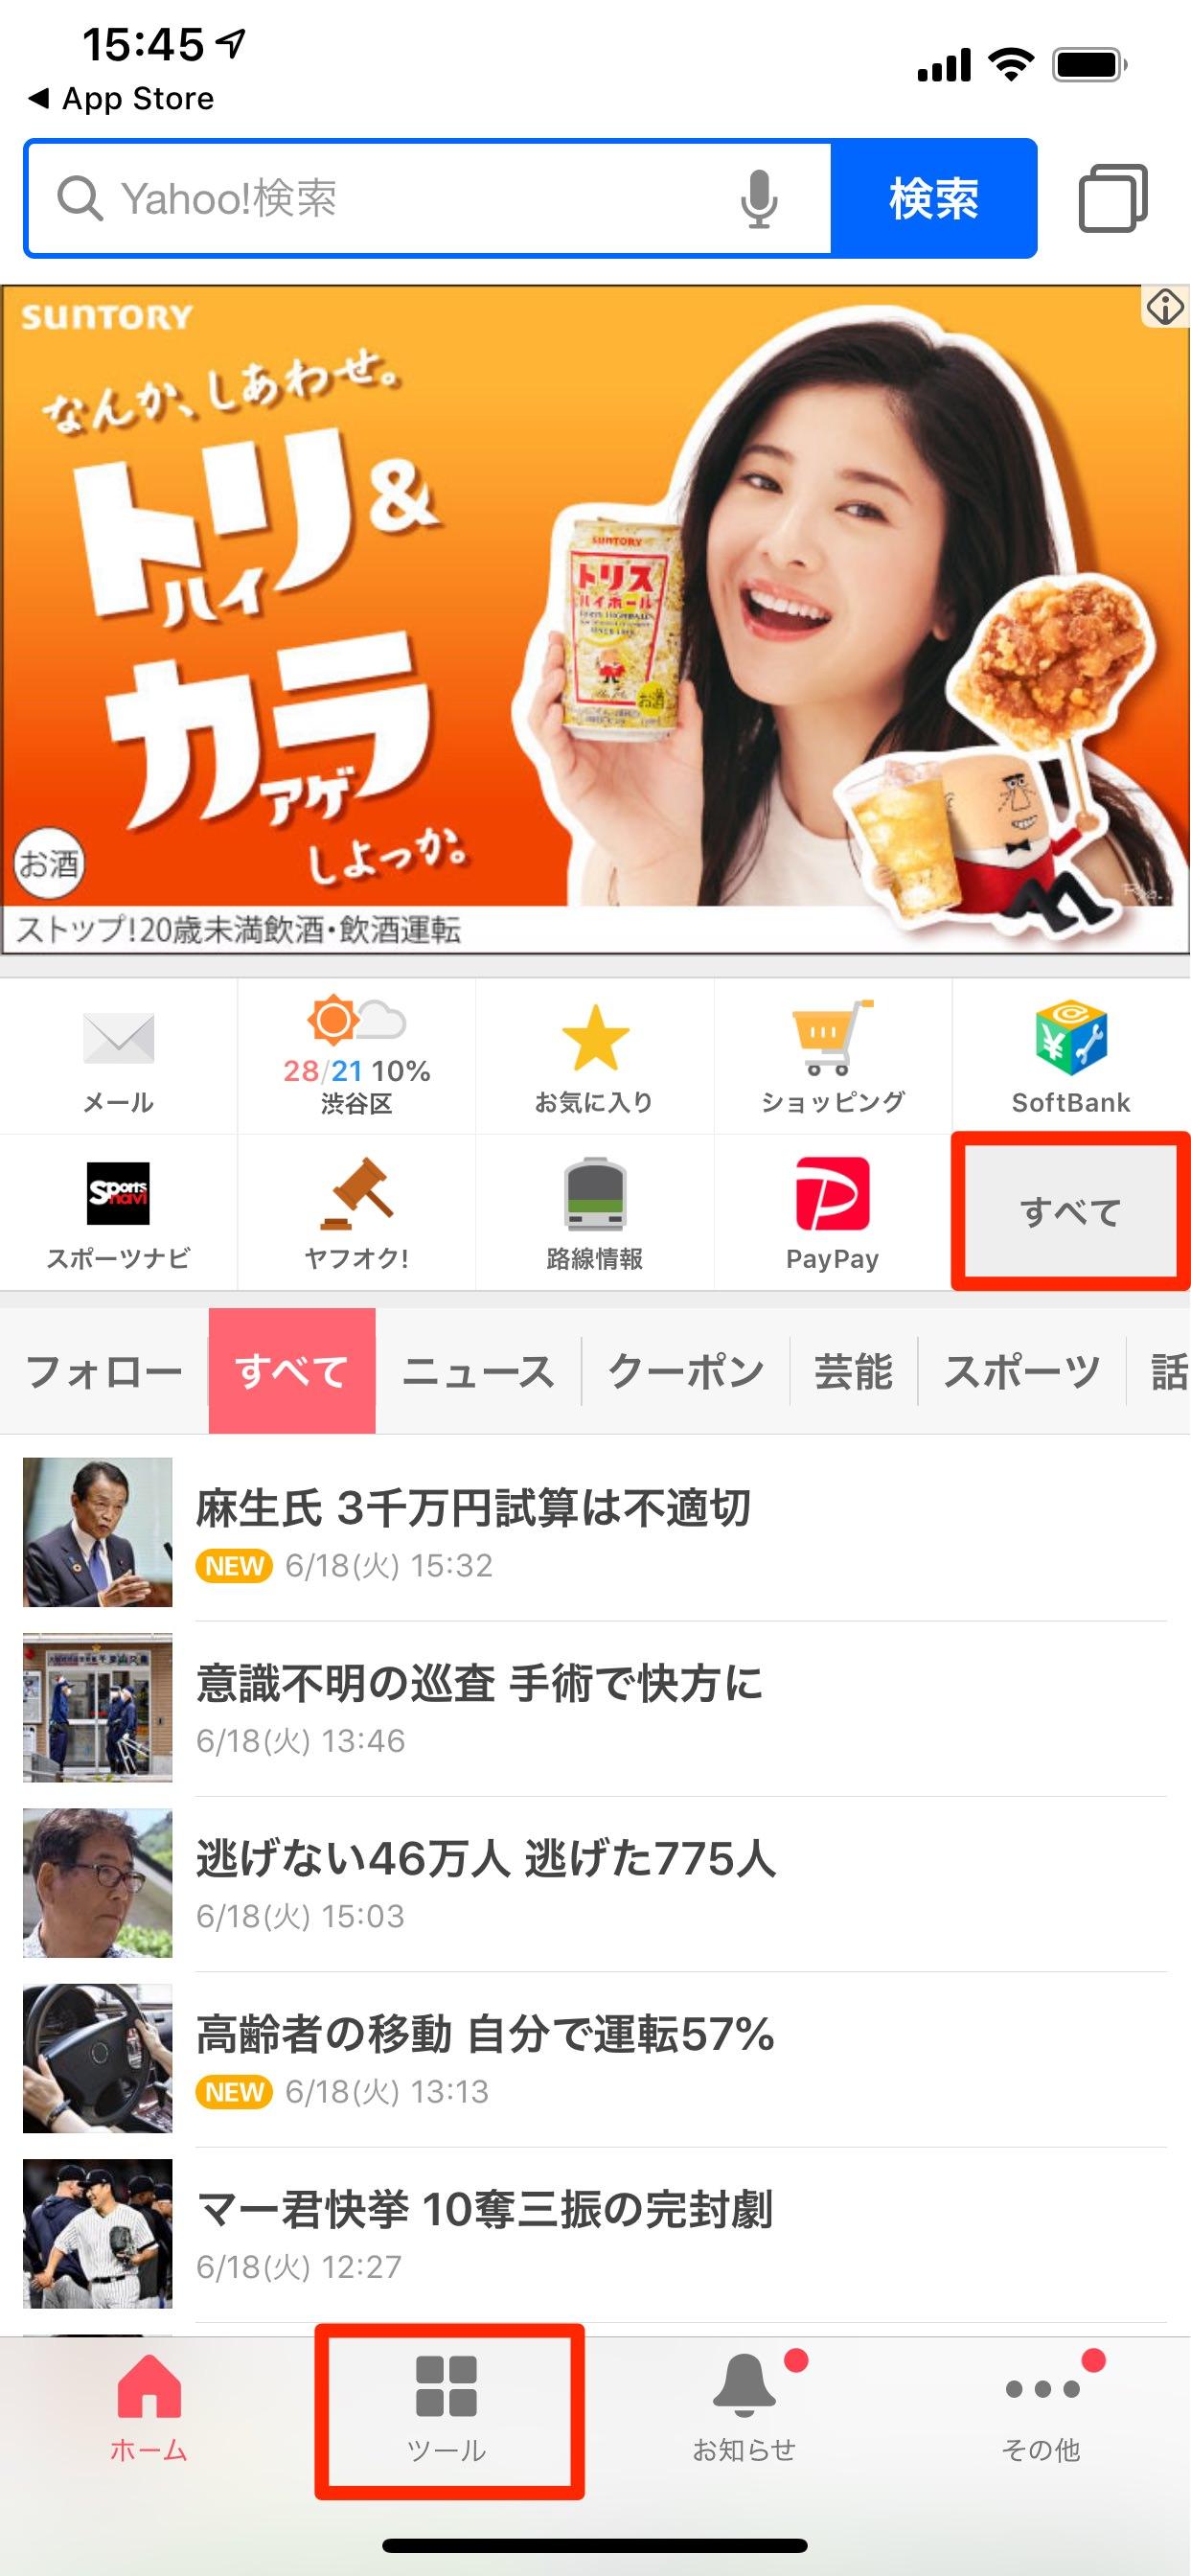 yahoo-score-app-1